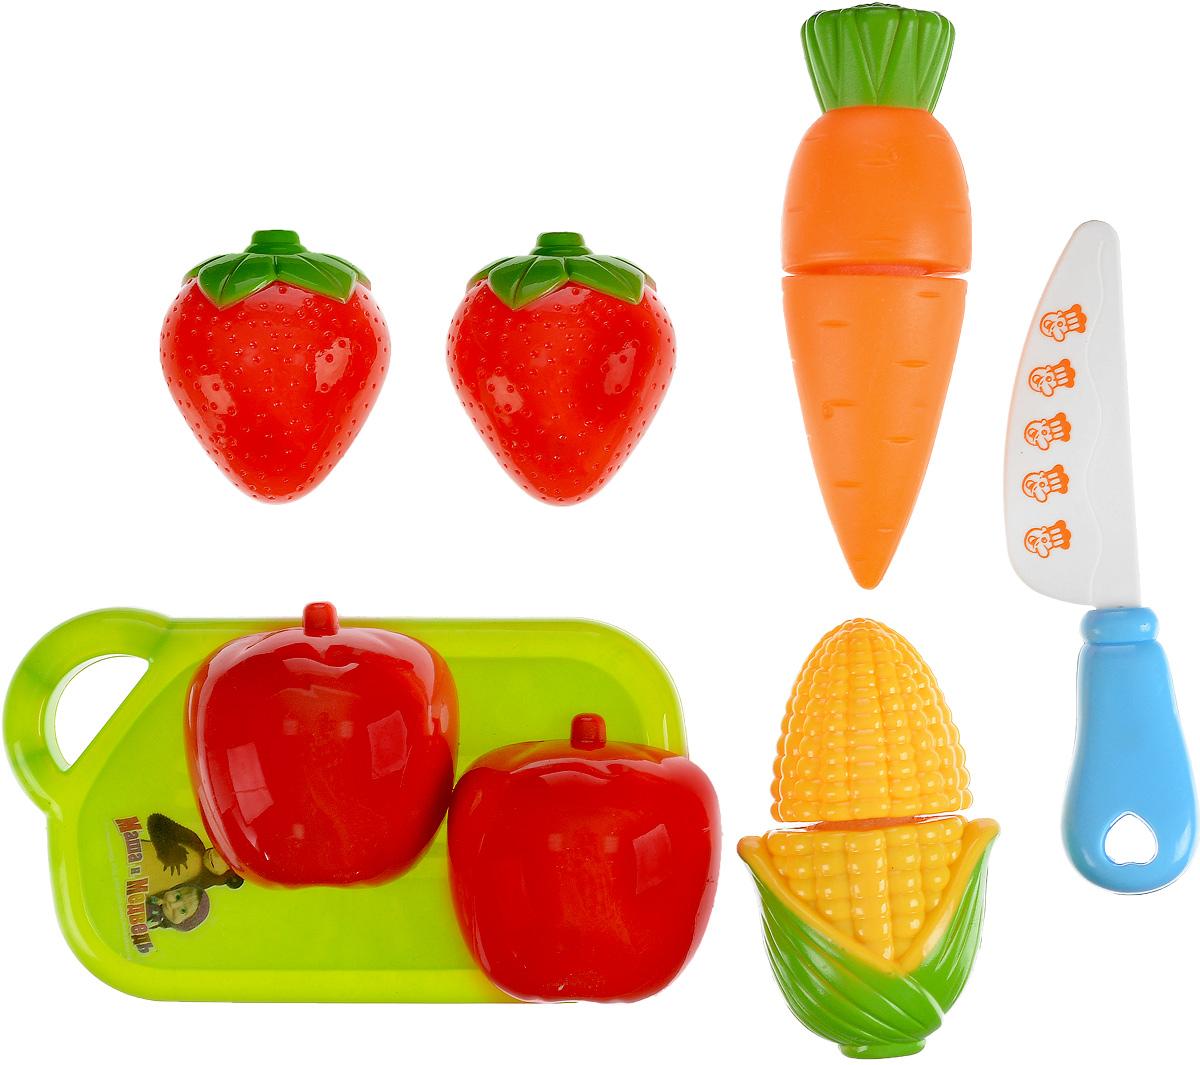 Играем вместе Игровой набор фруктов и овощей Маша и Медведь 6 предметовB847982-RИгровой набор овощей и фруктов Играем вместе Маша и Медведь, несомненно, привлечет внимание маленькой хозяюшки и не позволит ей скучать. Набор включает игрушечные продукты (клубнику, персик, морковку, кукурузу), а также доску для нарезки и ножик. Все предметы изготовлены из высококачественного абсолютно безопасного цветного пластика. Для имитации нарезки каждый продукт состоит из двух частей на липучках. С этим набором ваша малышка будет часами занята игрой и сможет вкусно накормить всех своих кукол.